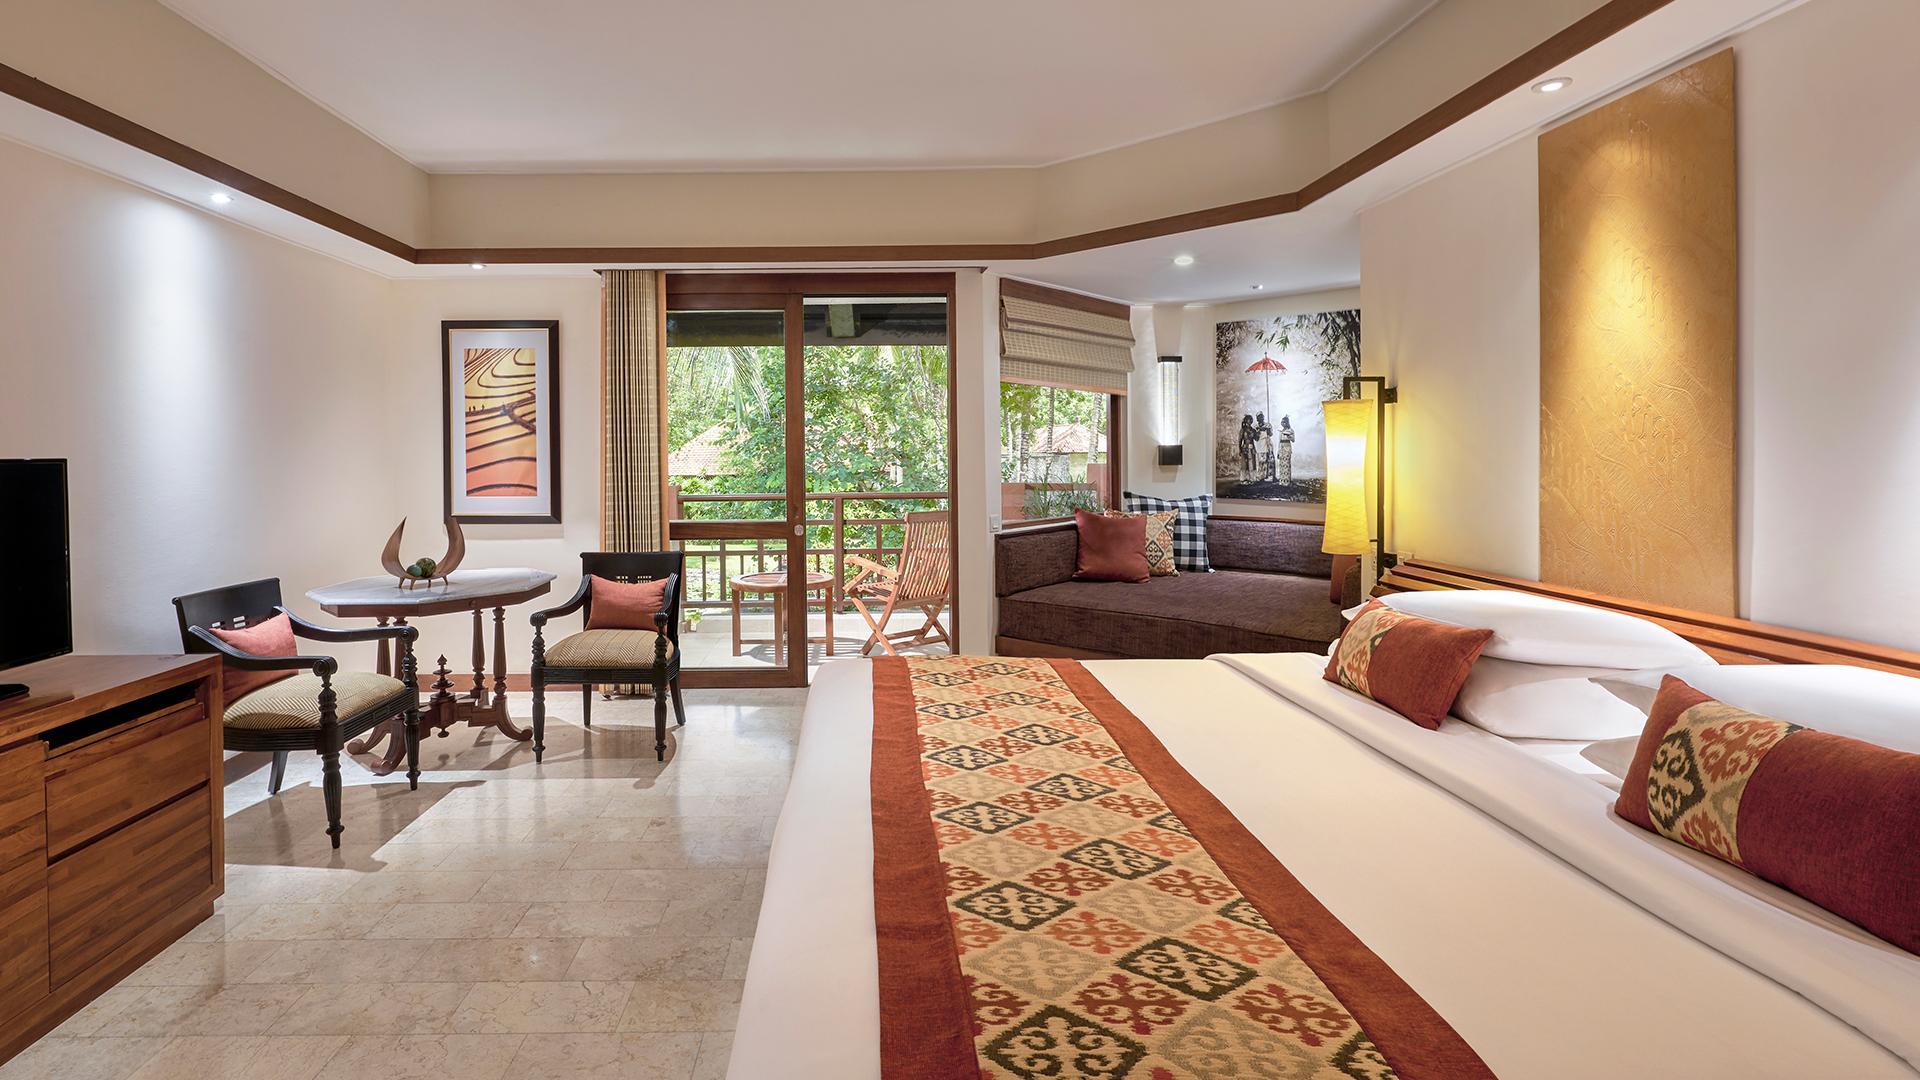 Emerald Pool/Lagoon View Room image 1 at Grand Hyatt Bali by Kabupaten Badung, Bali, Indonesia